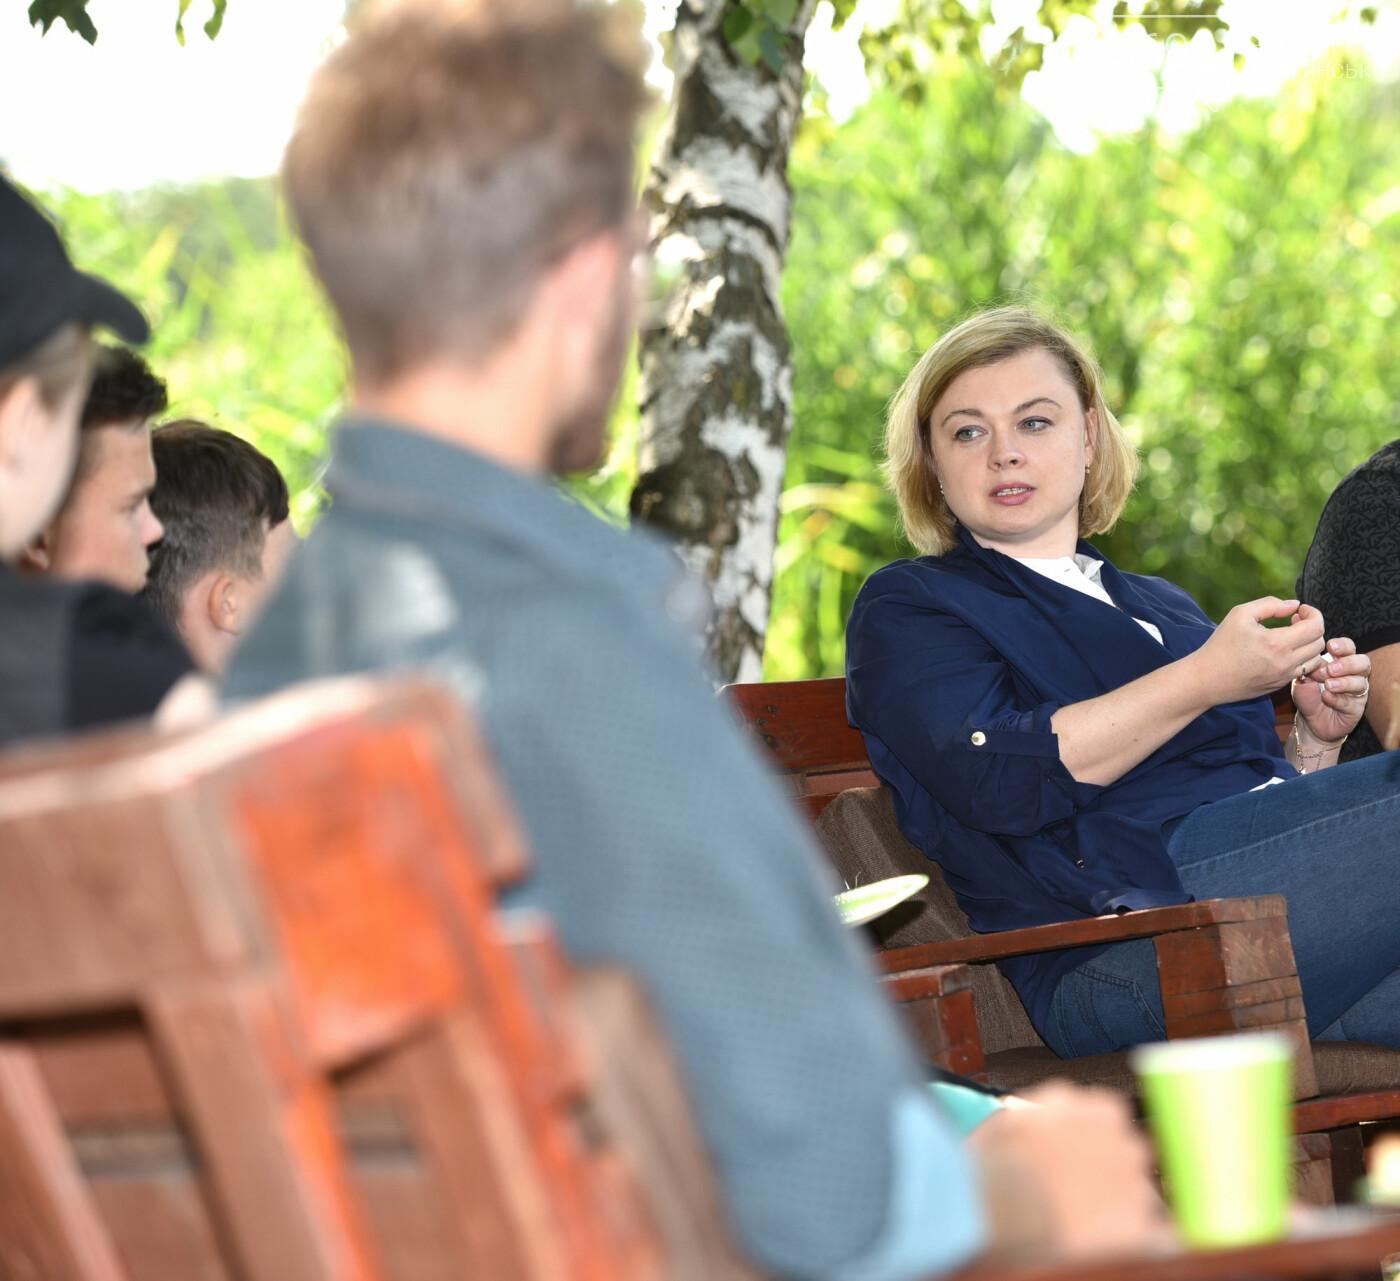 Анна Личман: Молодежь Каменского готова вести дискуссию по важным темам на высоком уровне, фото-2